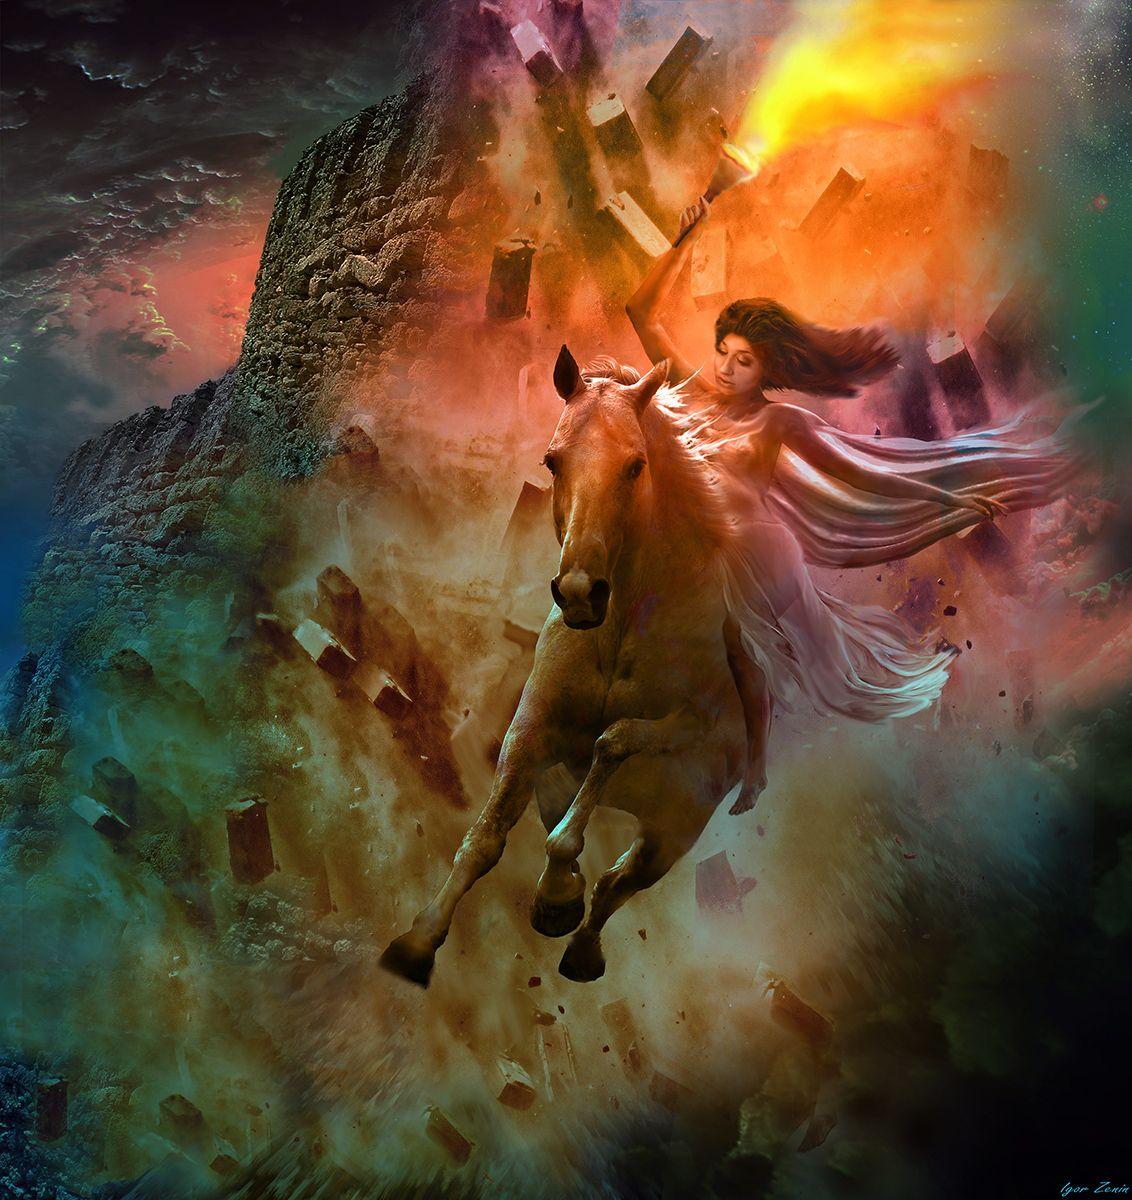 Диана кони нимфа огонь диана